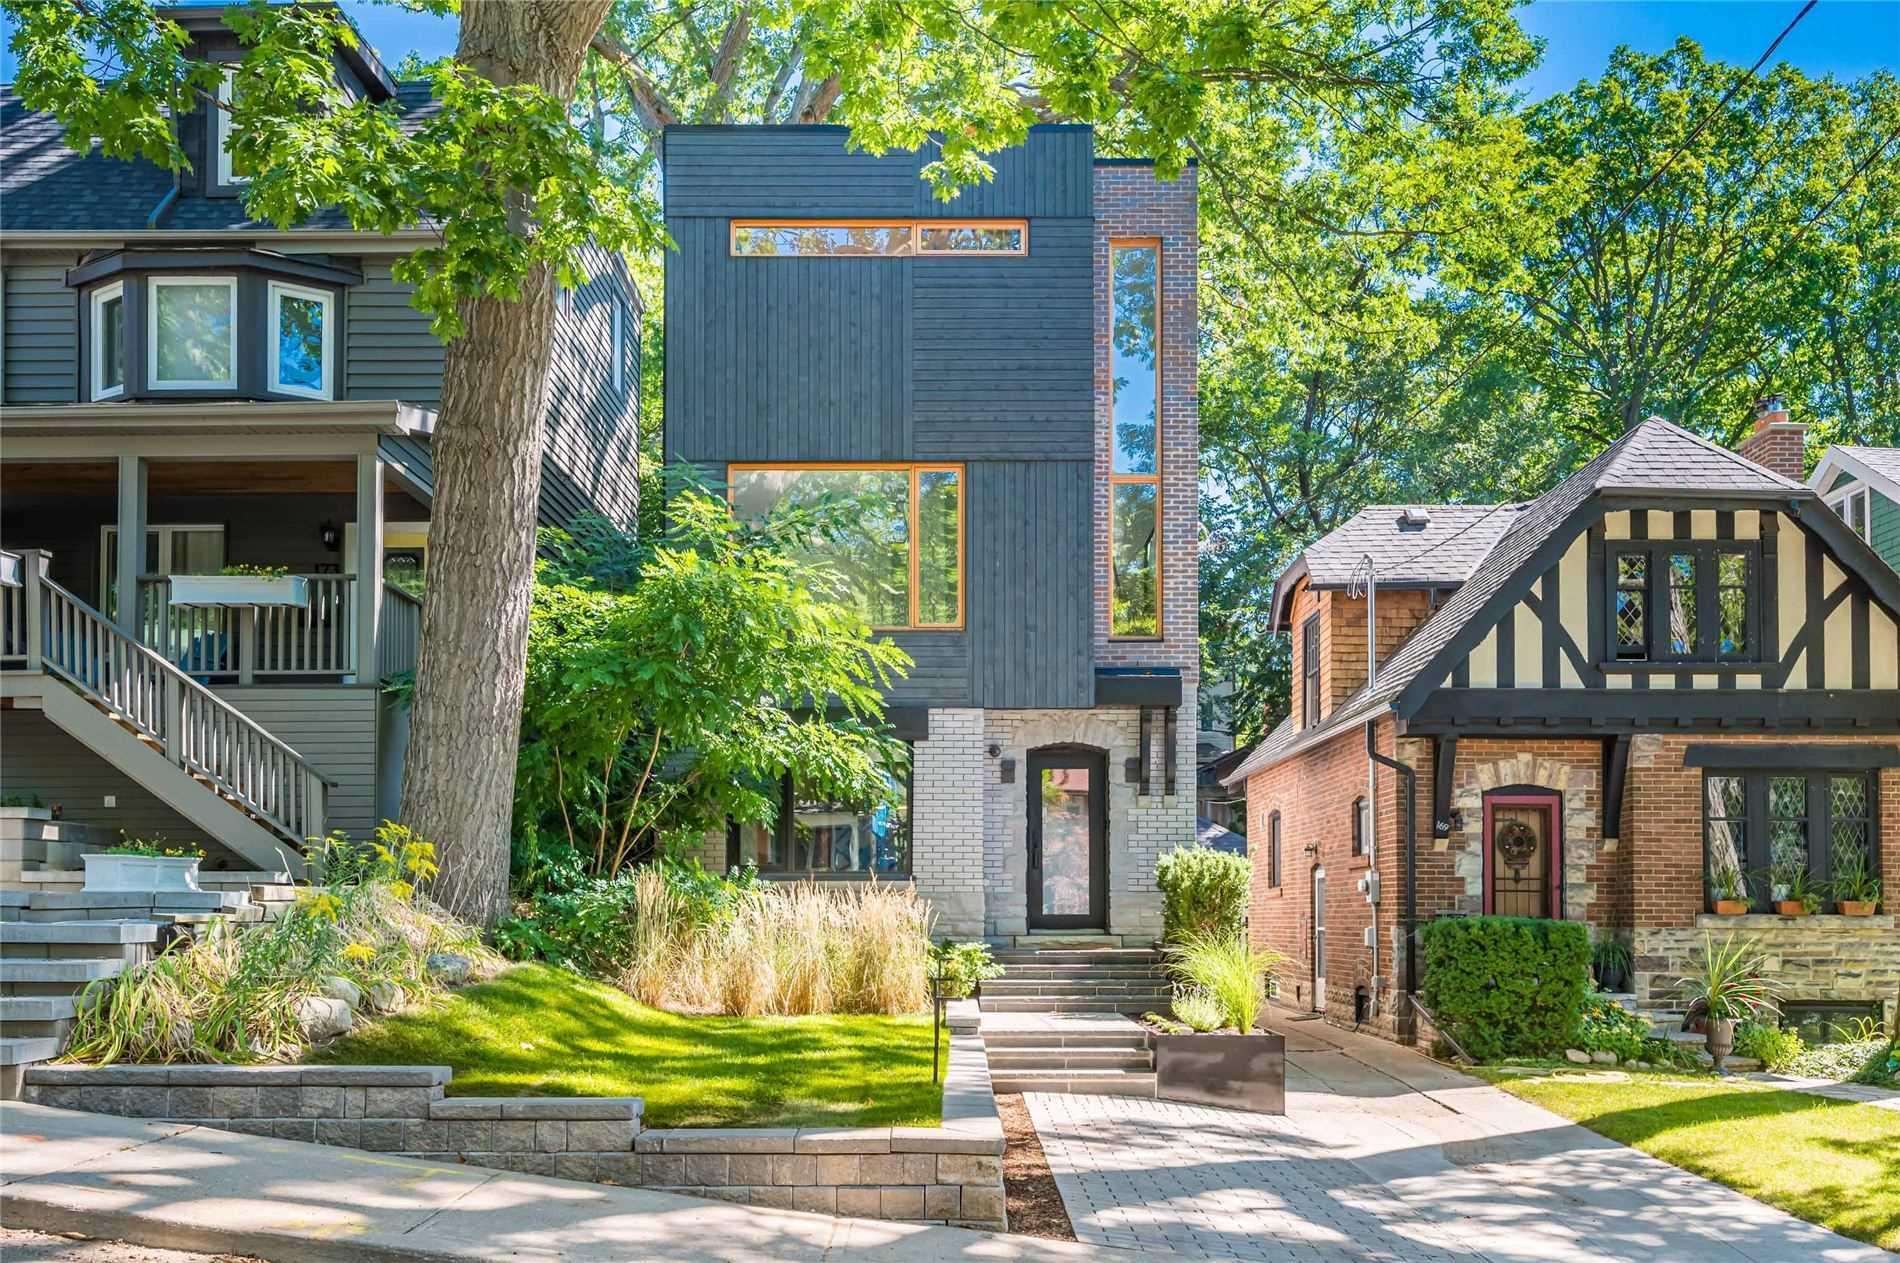 171 Willow Ave, Toronto, Ontario M4E3K4, 4 Bedrooms Bedrooms, 9 Rooms Rooms,5 BathroomsBathrooms,Detached,For Sale,Willow,E5360577